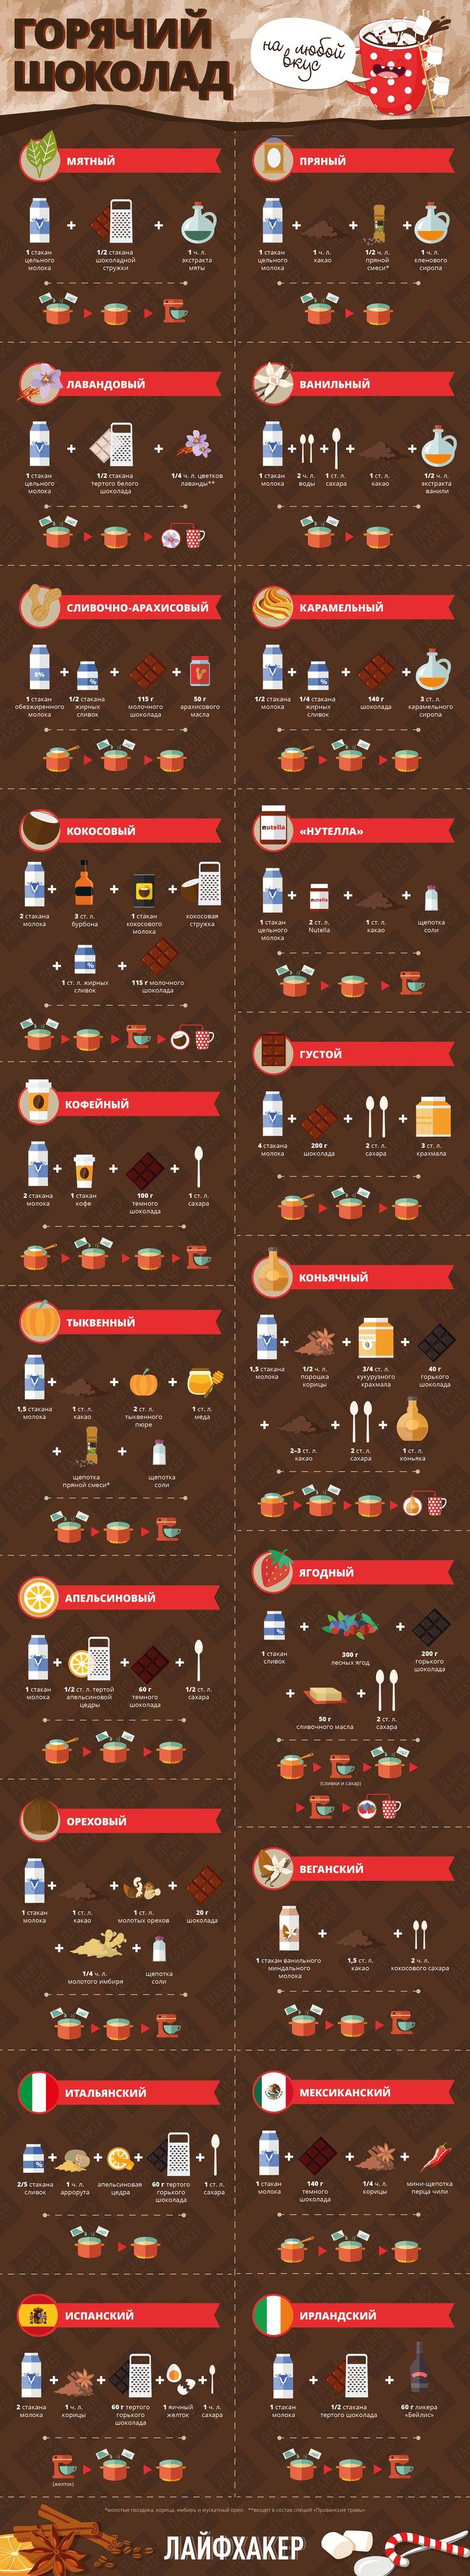 ИНФОГРАФИКА: 20 способов приготовить горячий шоколад